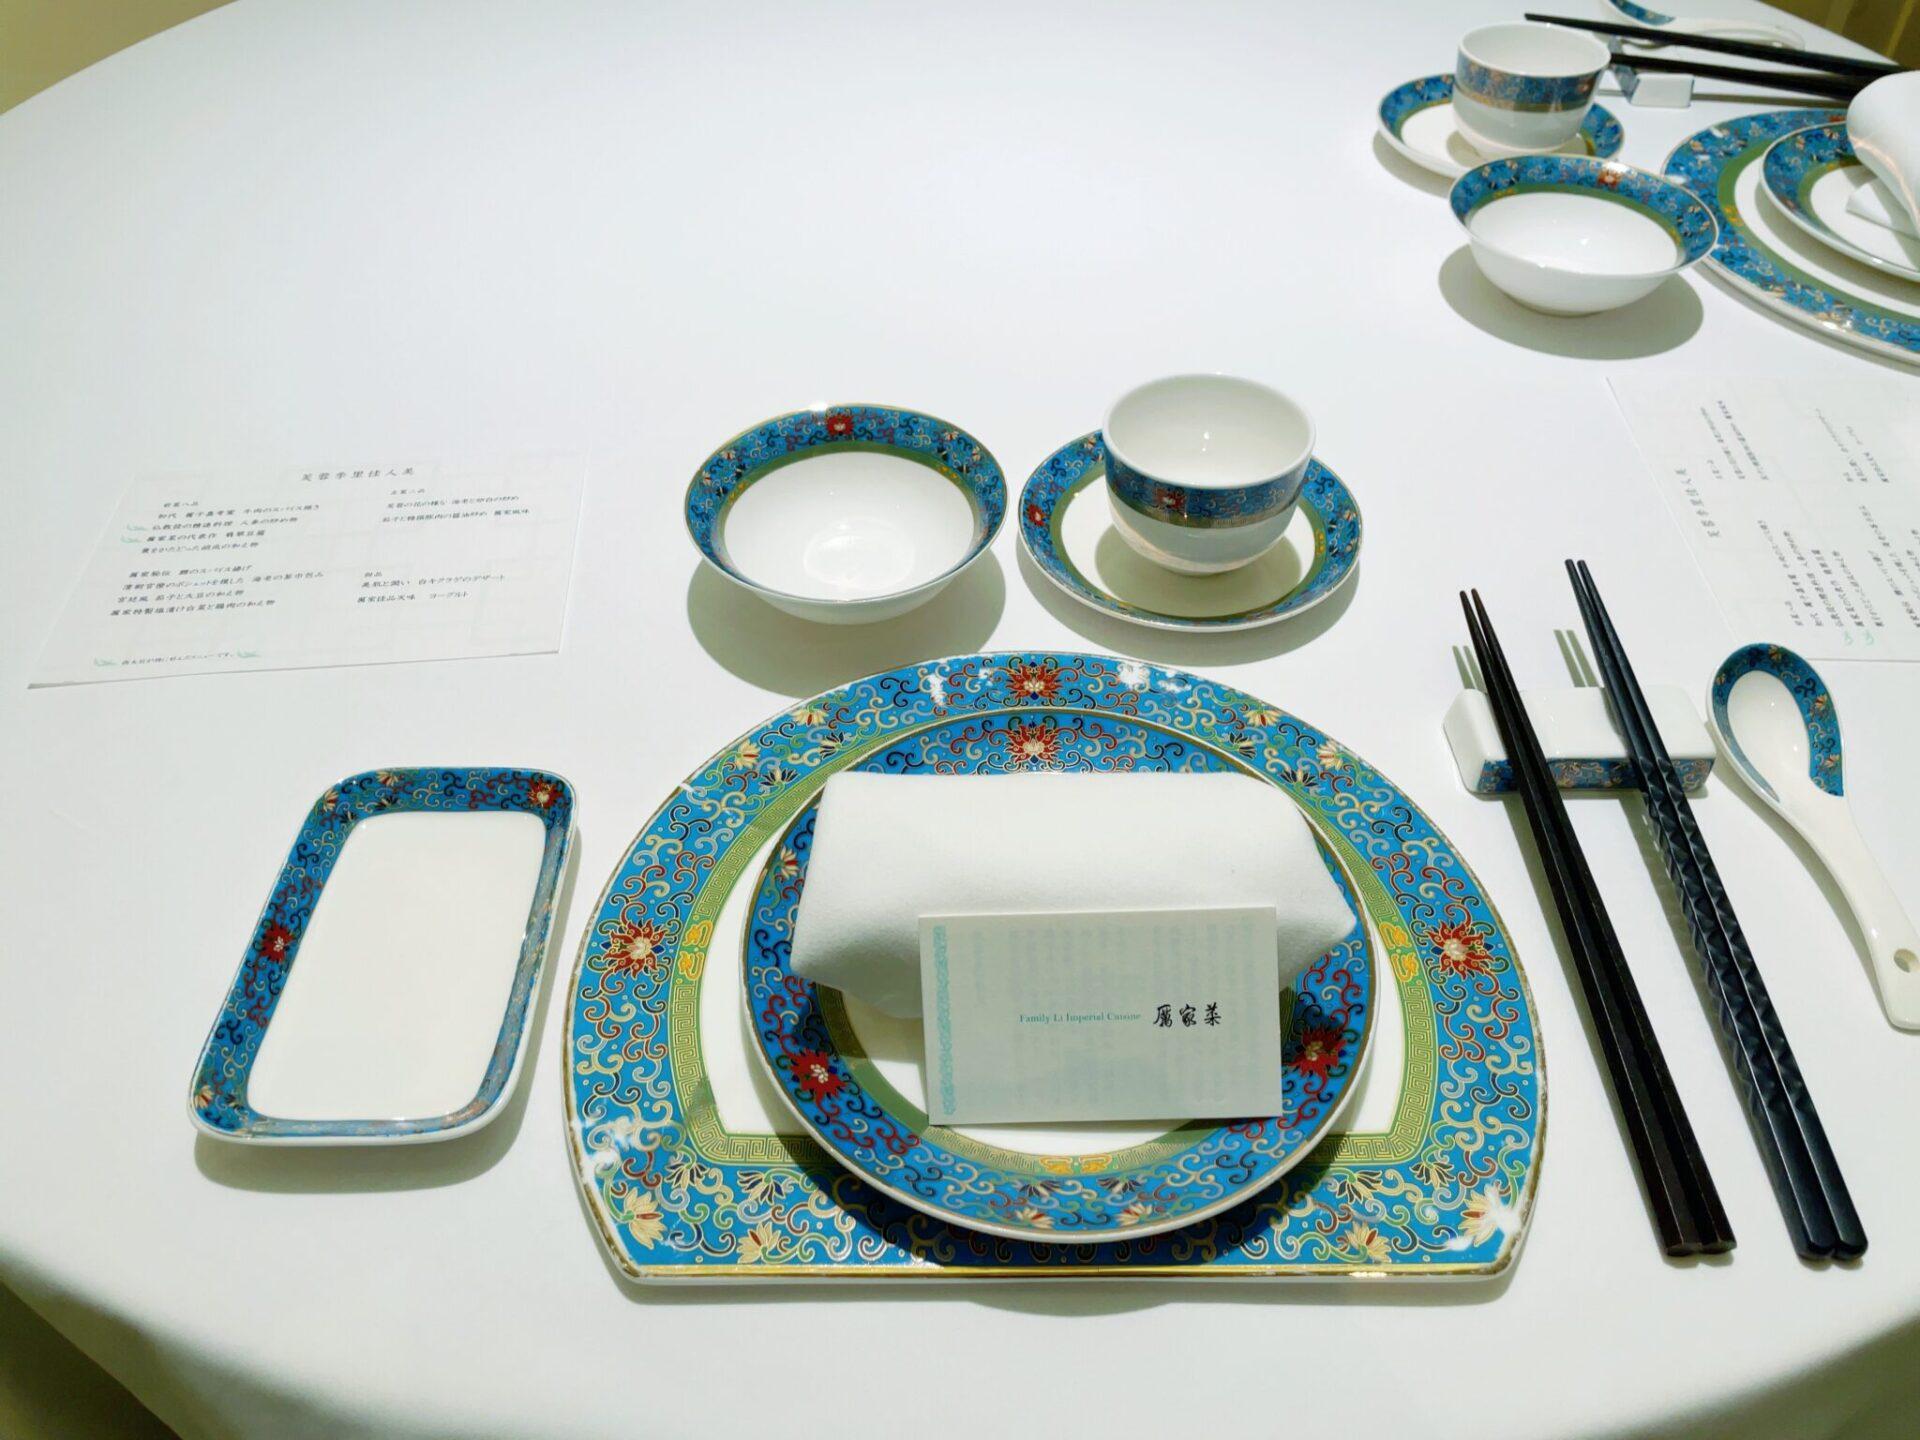 厲家菜(レイカサイ)銀座のテーブルセット